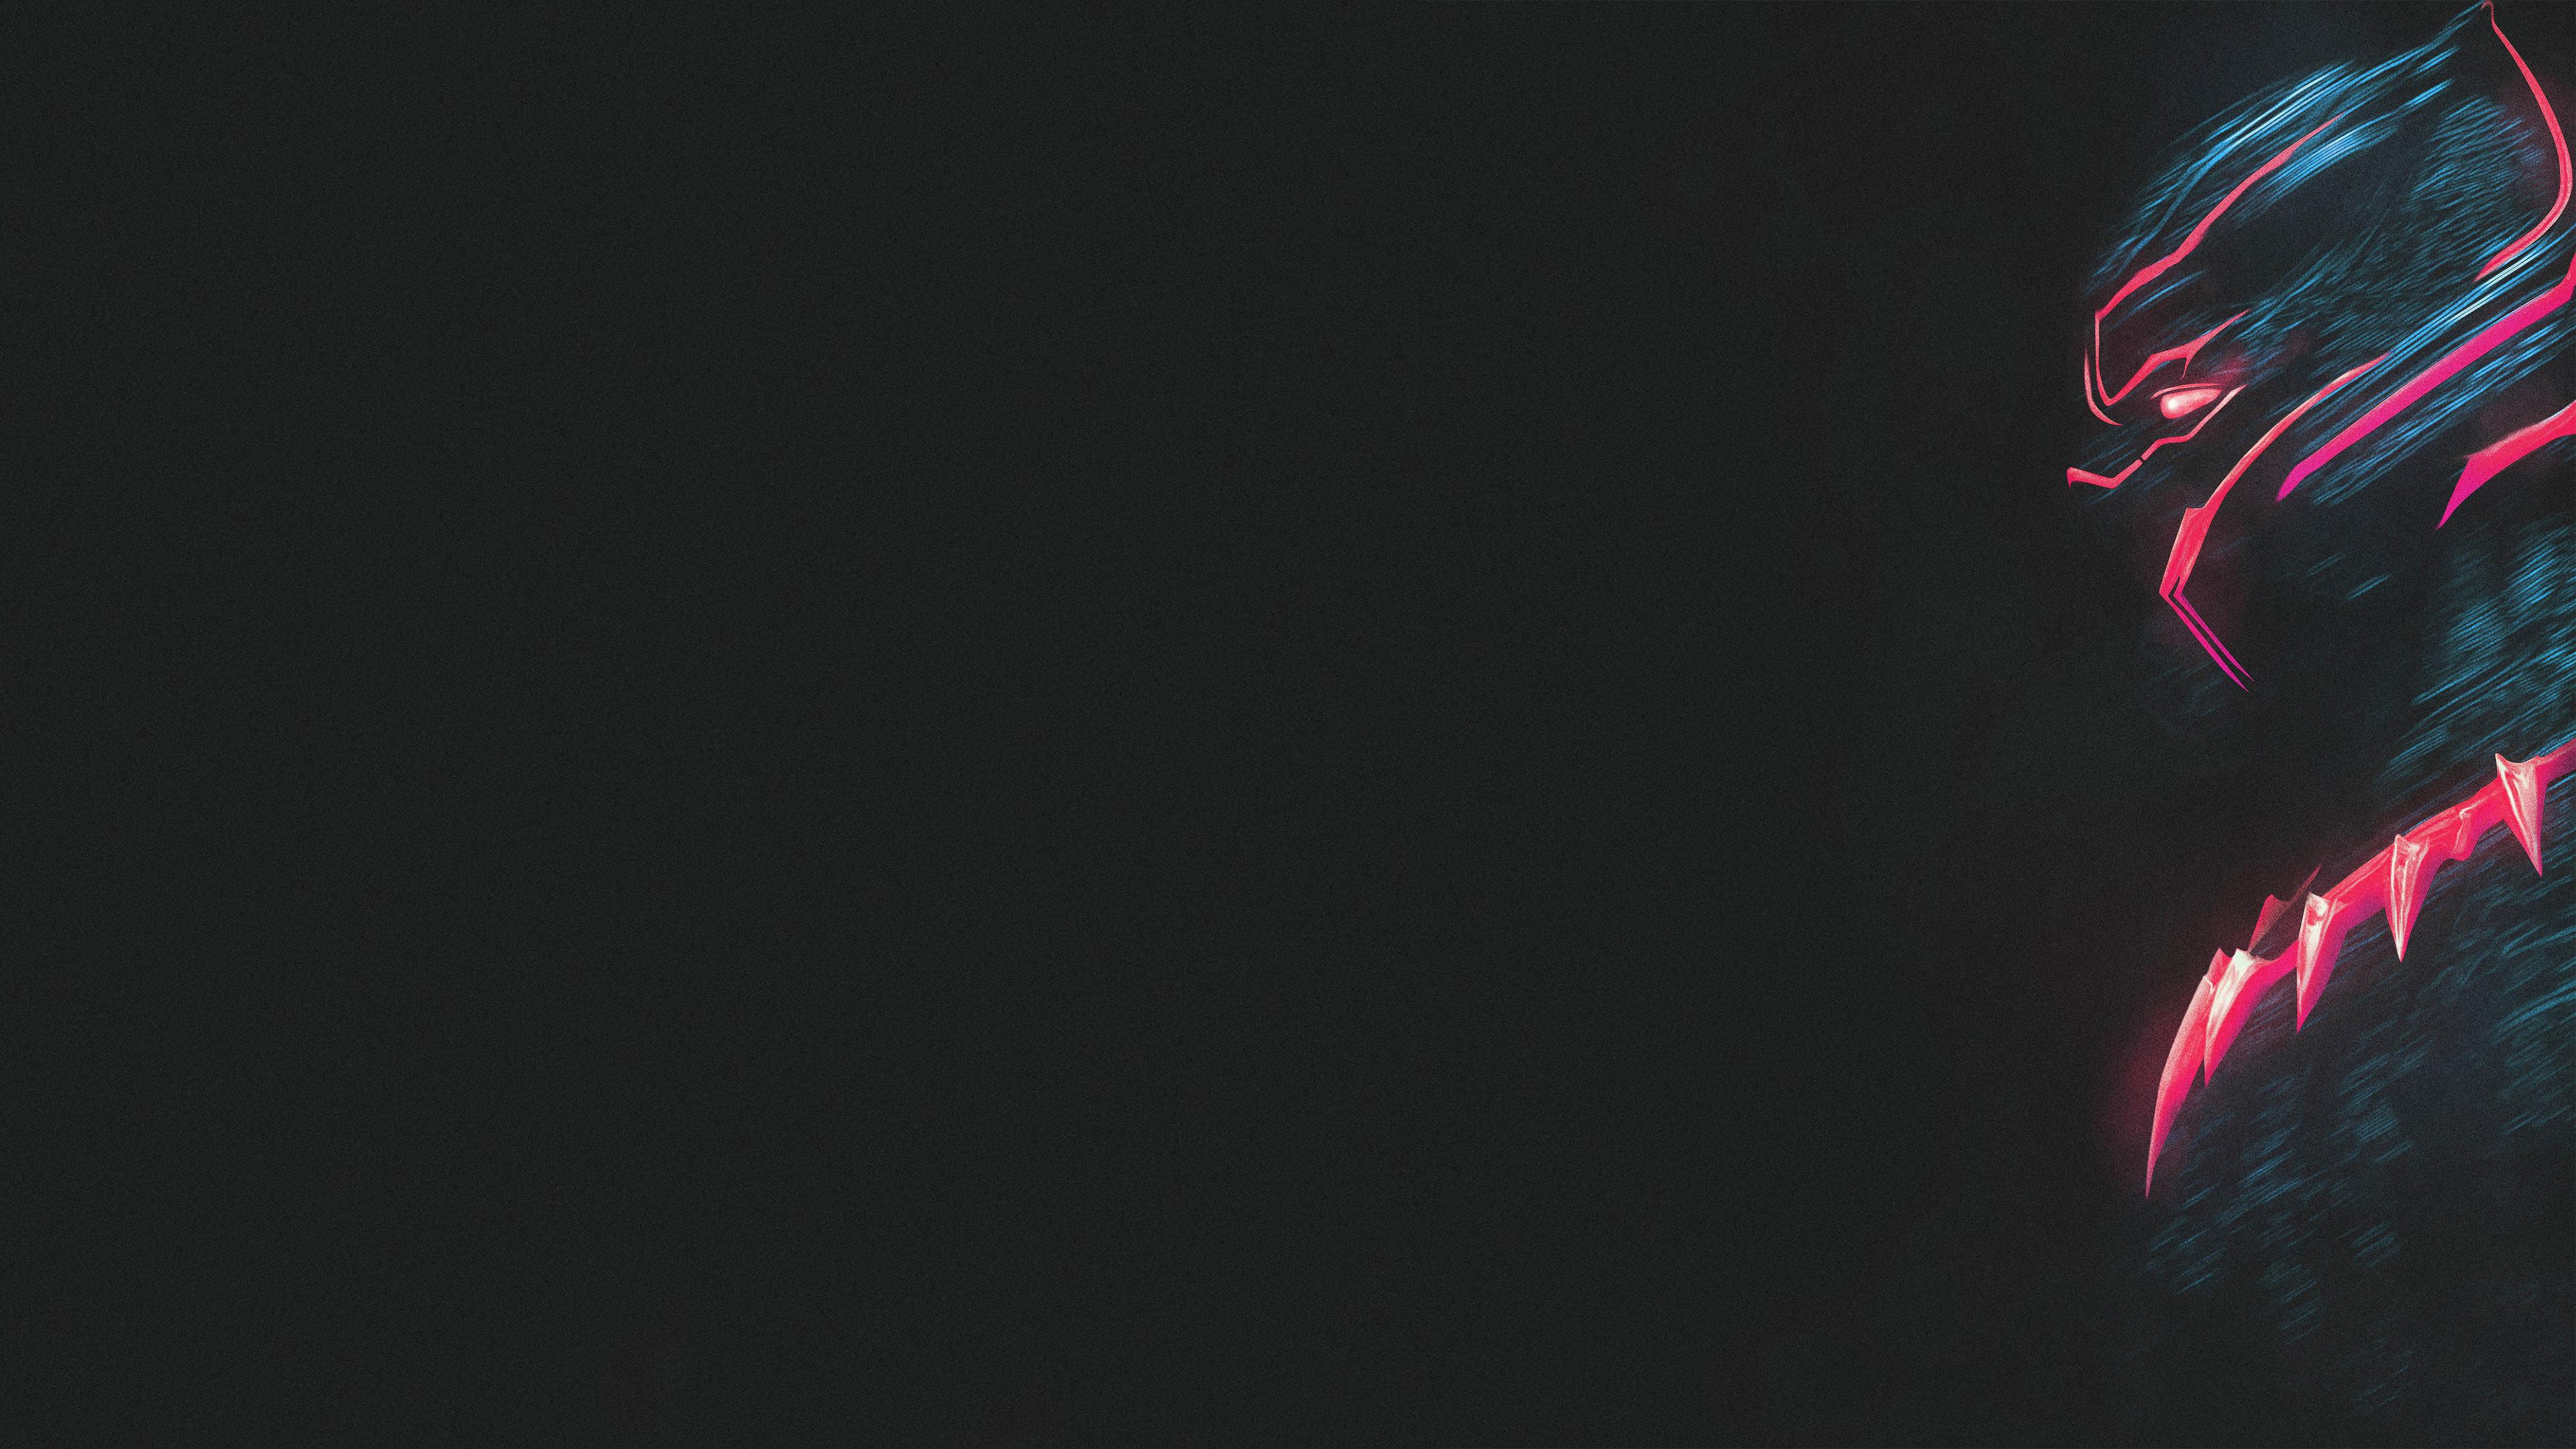 black panther art 4k 1536522799 - Black Panther Art 4k - hd-wallpapers, digital art wallpapers, black panther wallpapers, artwork wallpapers, artstation wallpapers, artist wallpapers, 4k-wallpapers